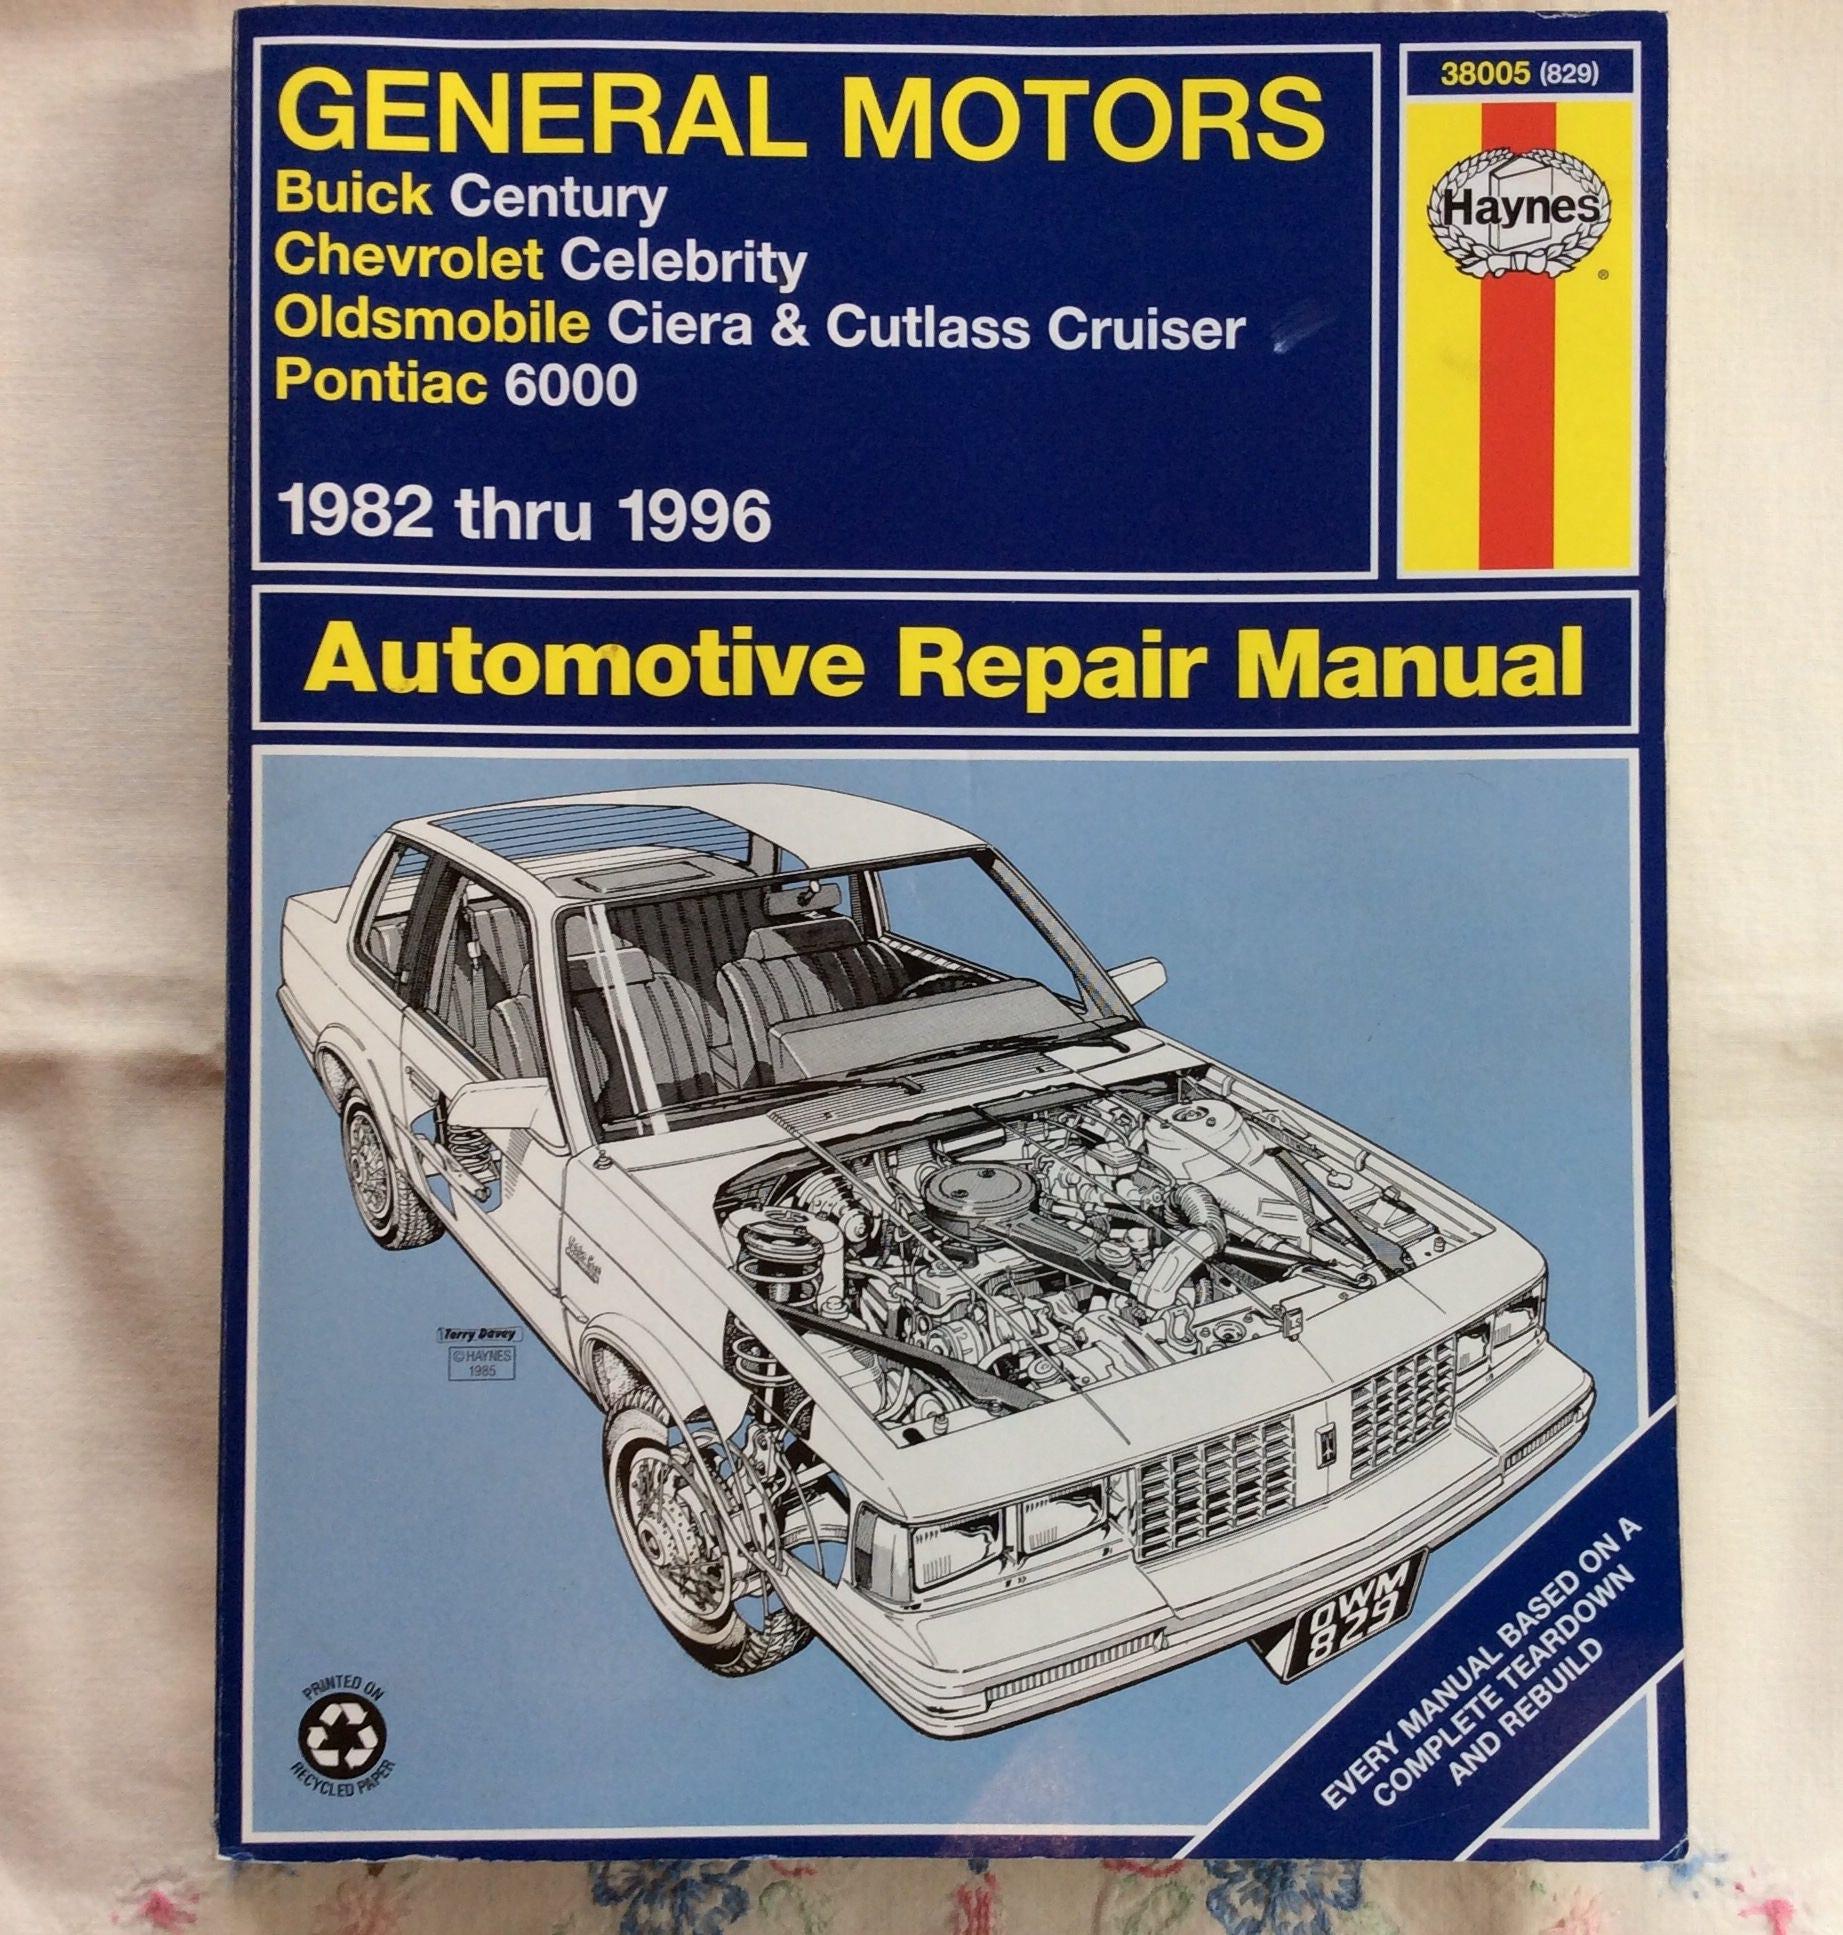 General Motors Repair Manual 1982 1996 Etsy 1990 Pontiac 6000 Wiring Diagram Zoom